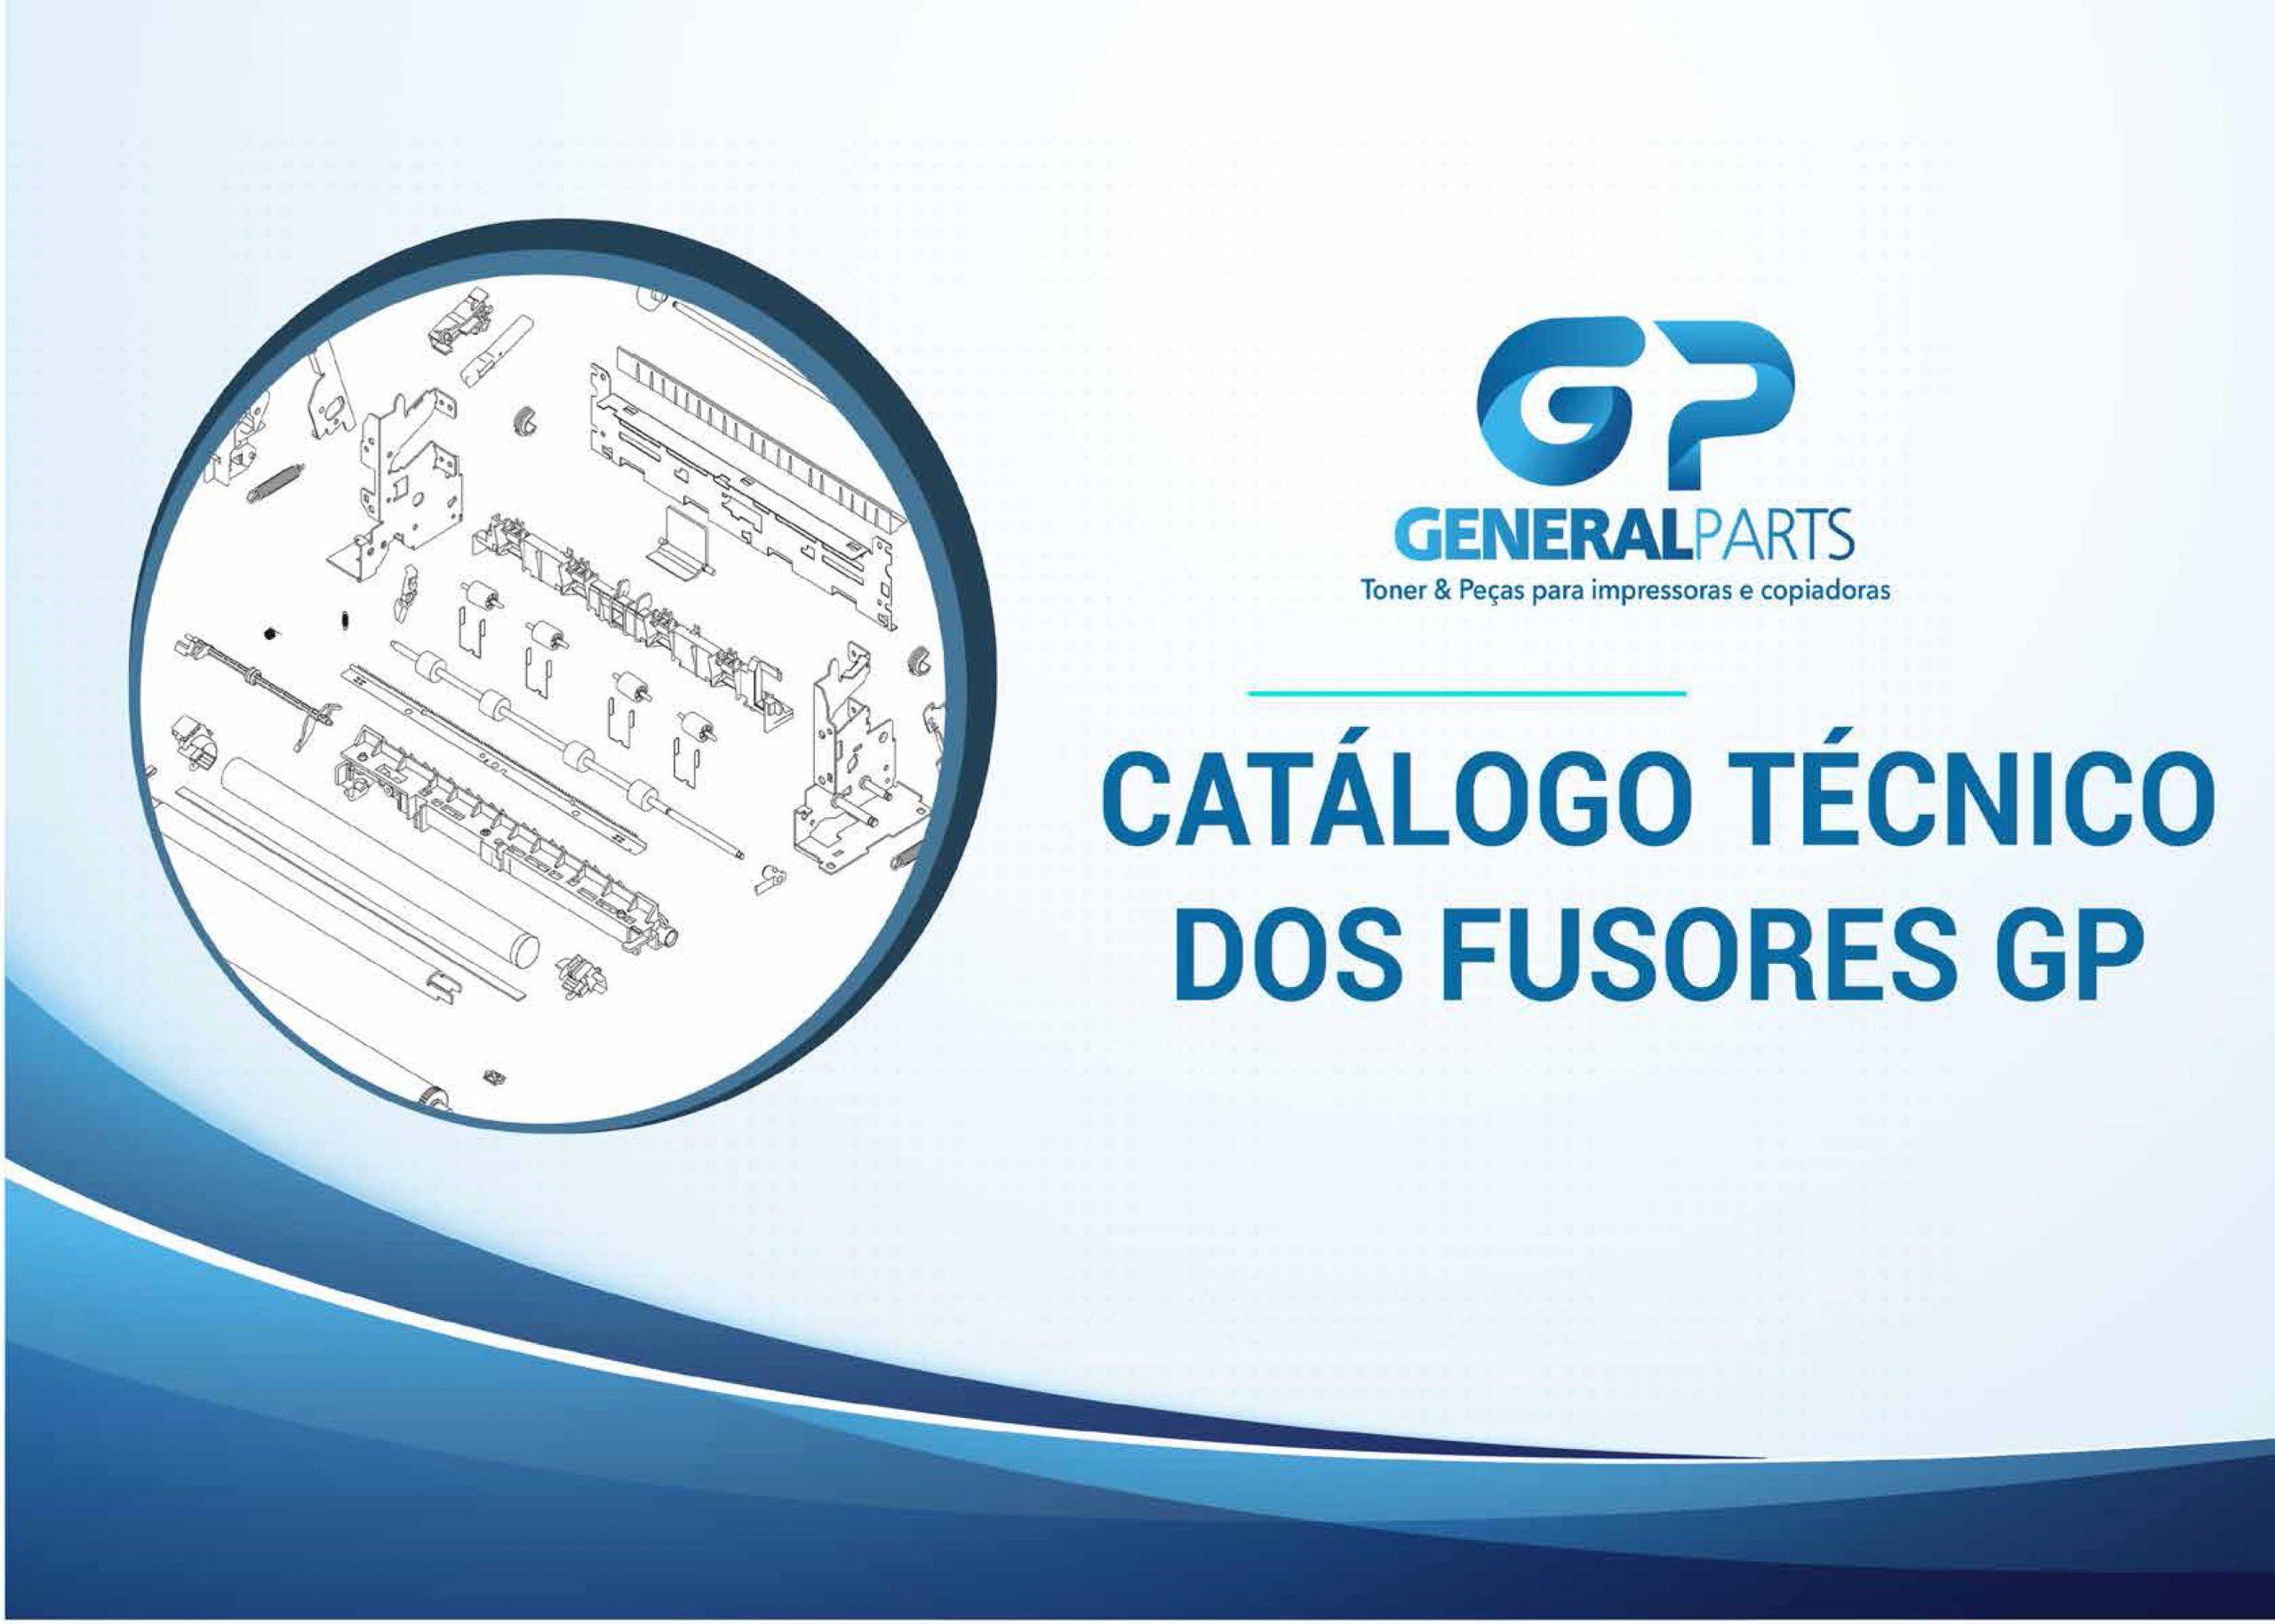 Catálogo Técnico de Fusores